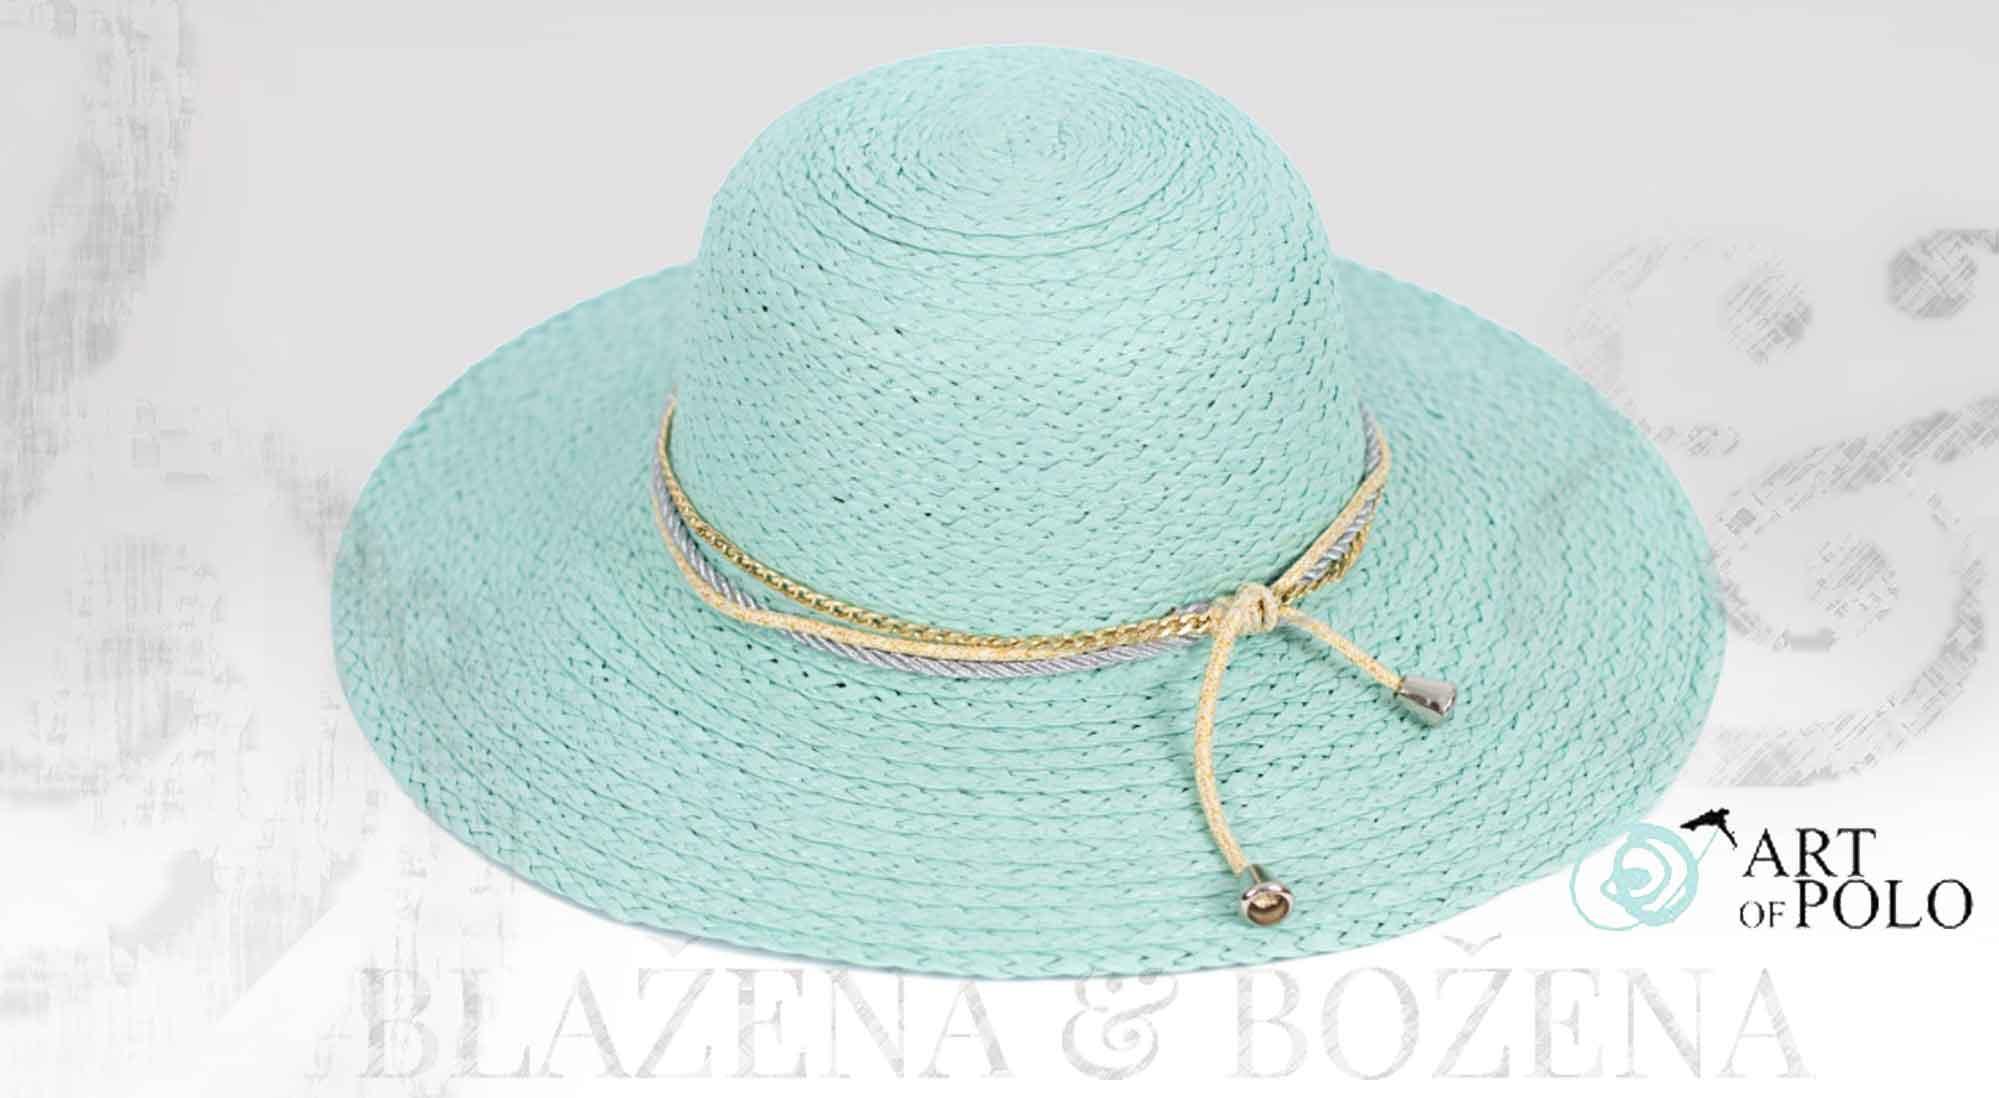 Letní klobouk Else Mint – Blažena Božena f1654fc3e5